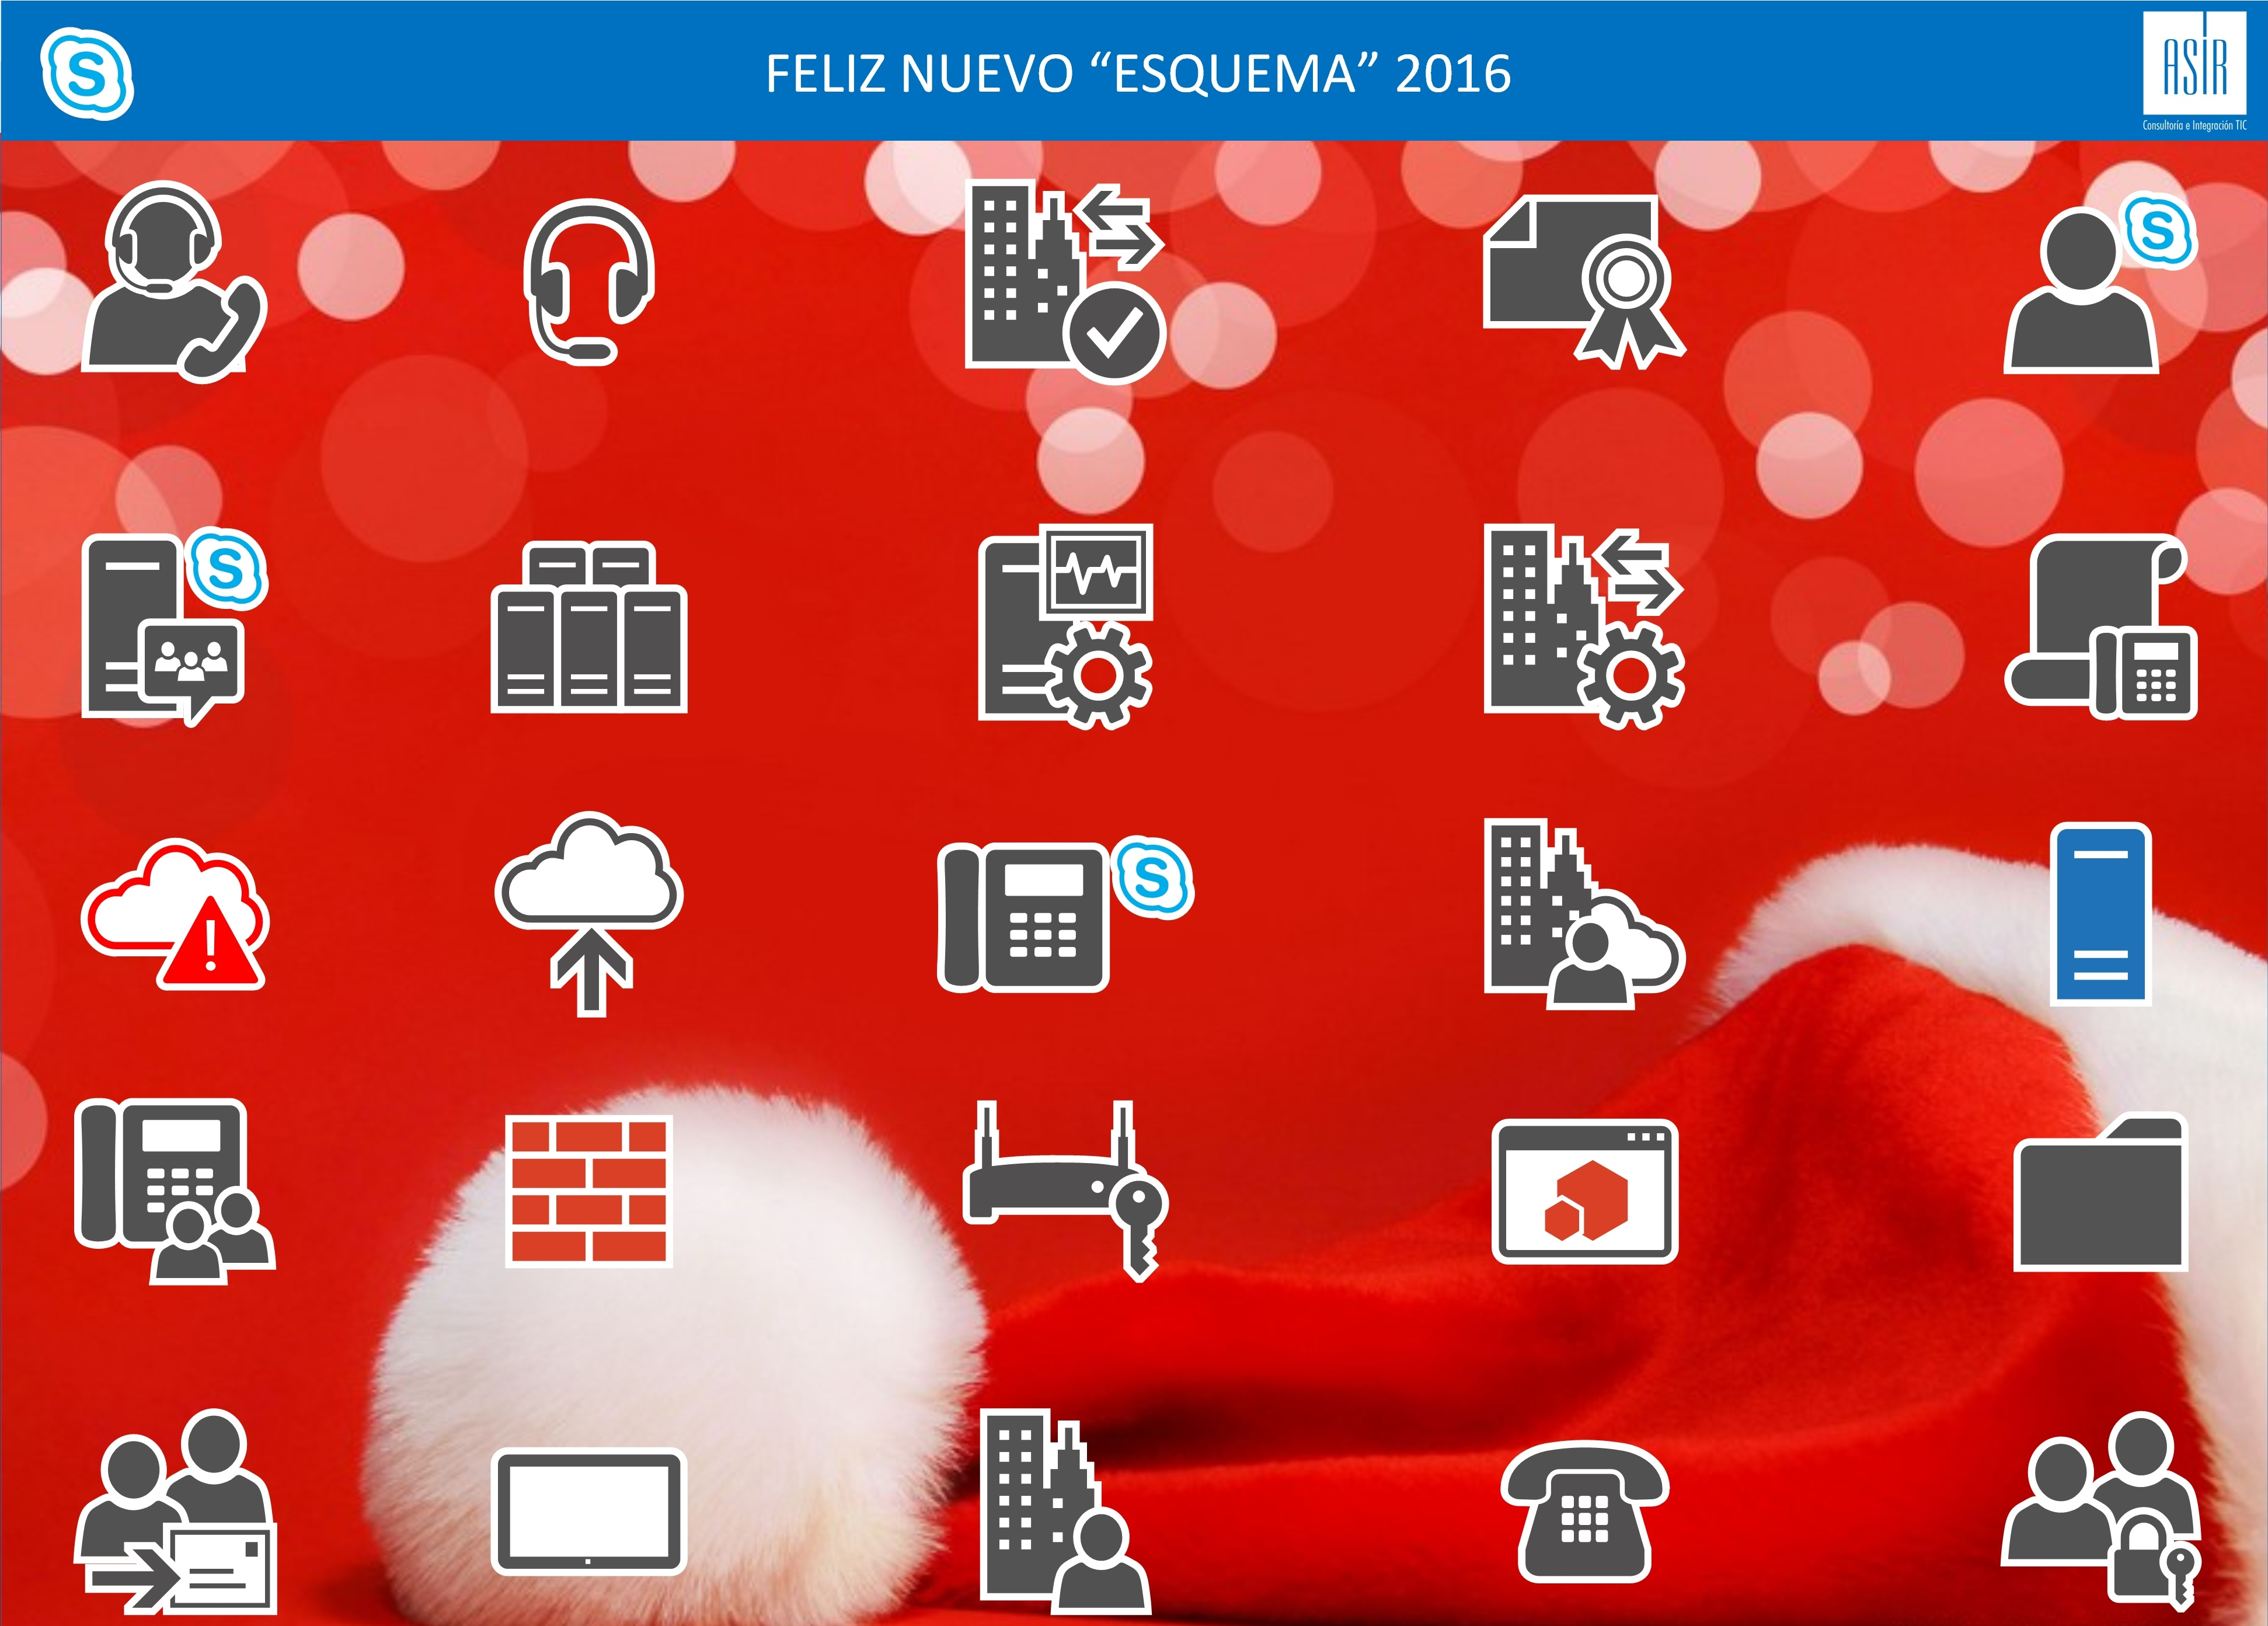 Navidad 2015.jpg